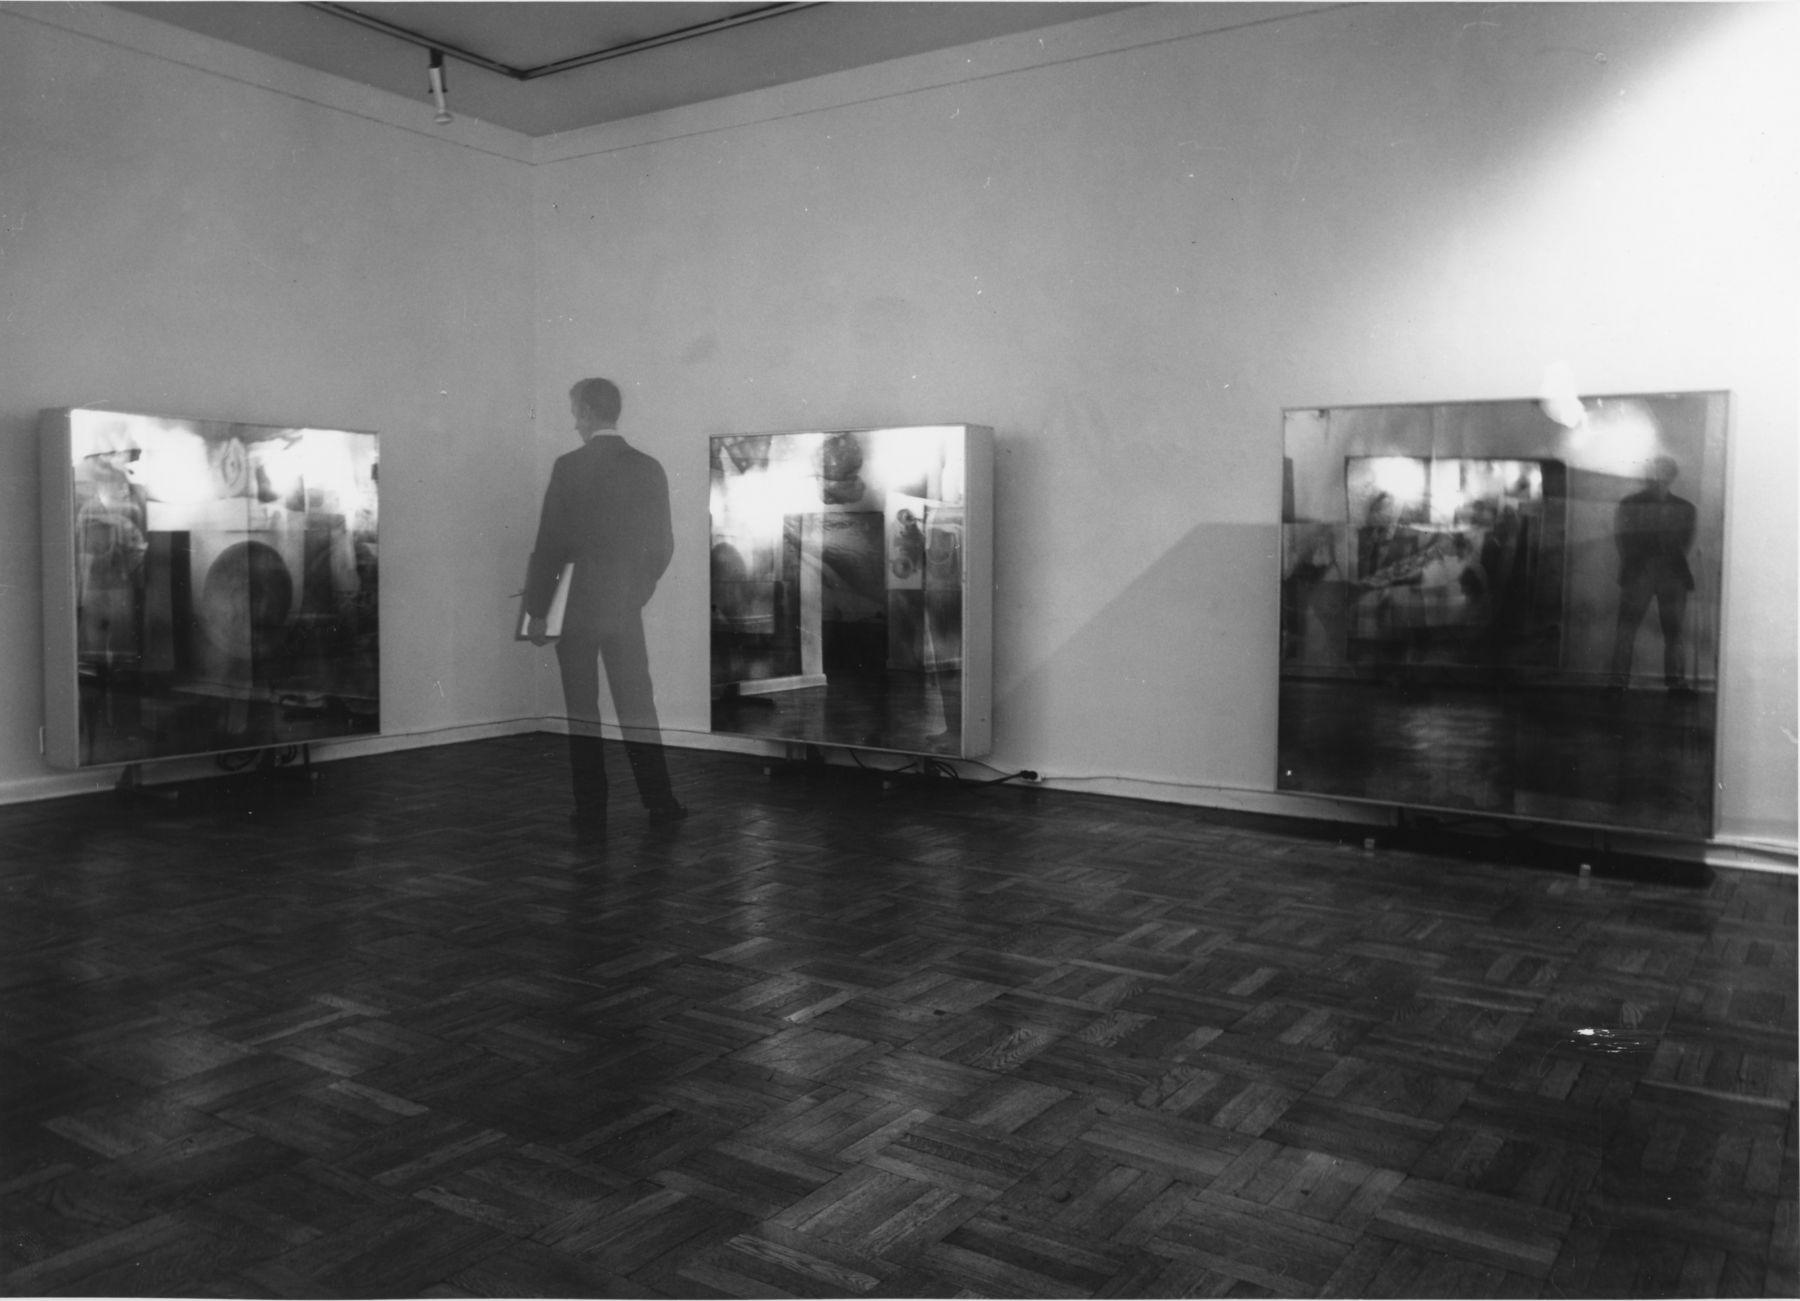 Installation view, Robert Rauschenberg: Carnal Clocks, 4 EAST 77